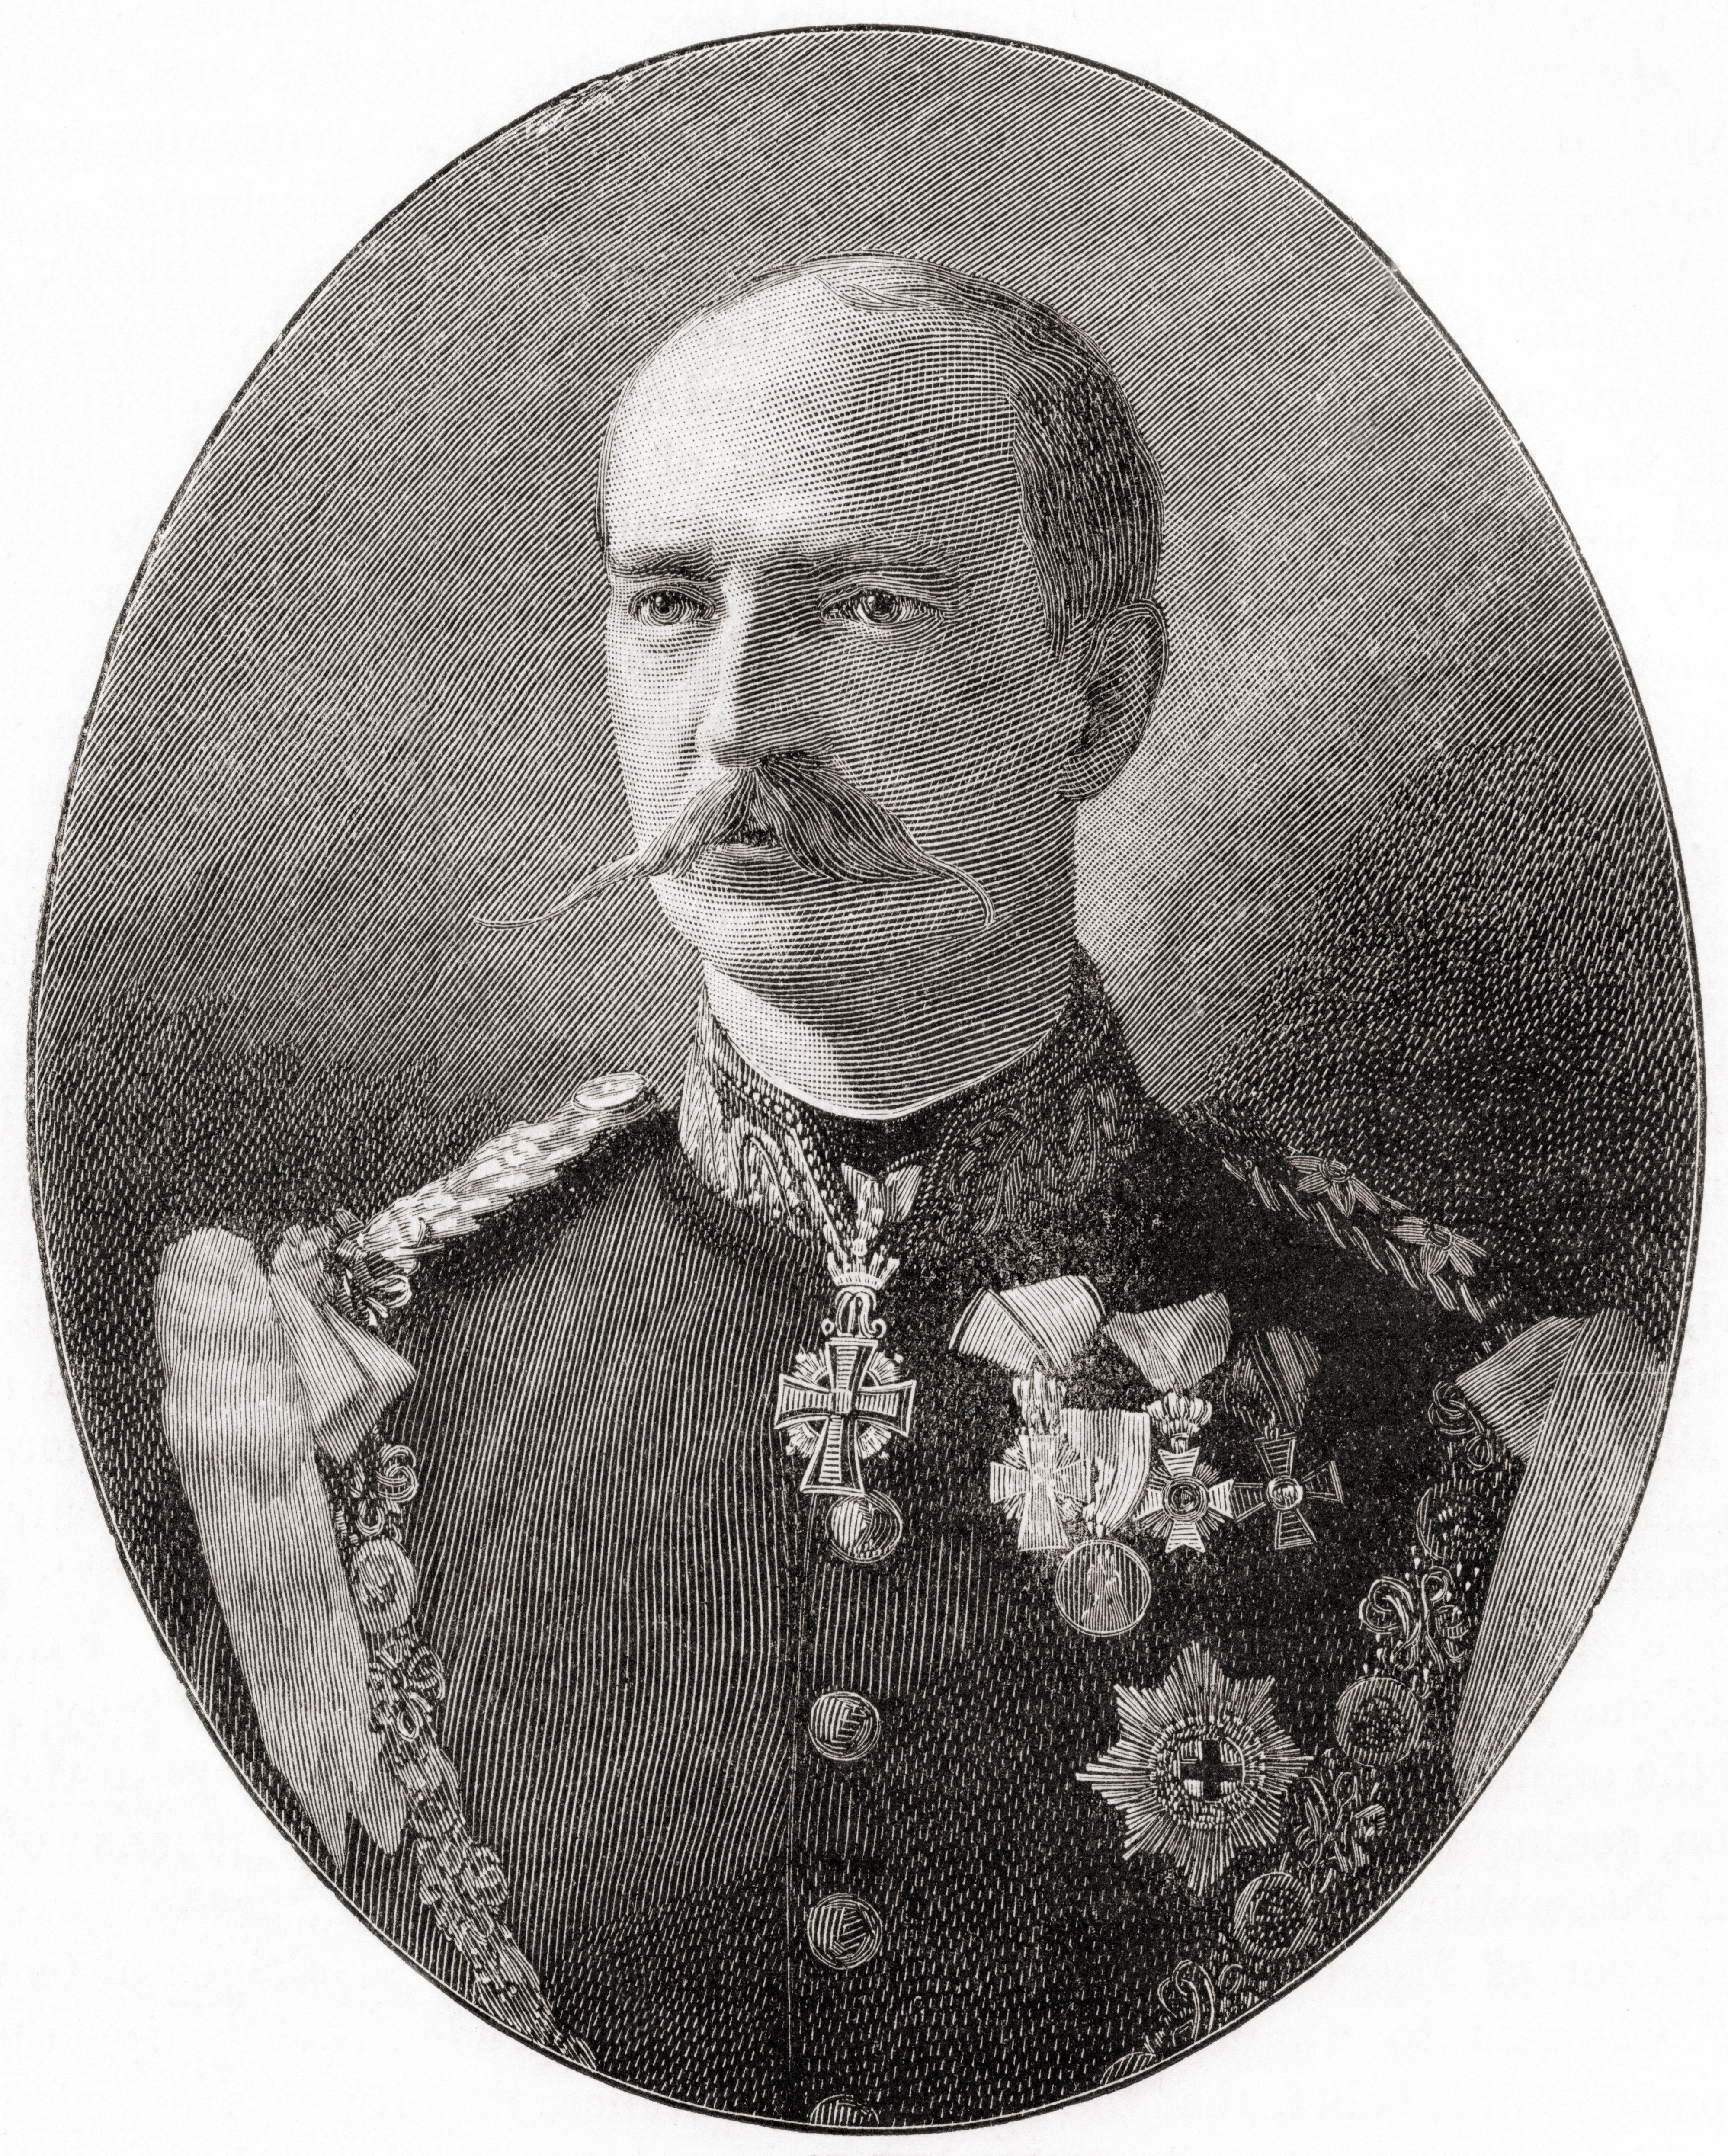 Δούκας της Σπάρτης εναντίον Συντάγματος της